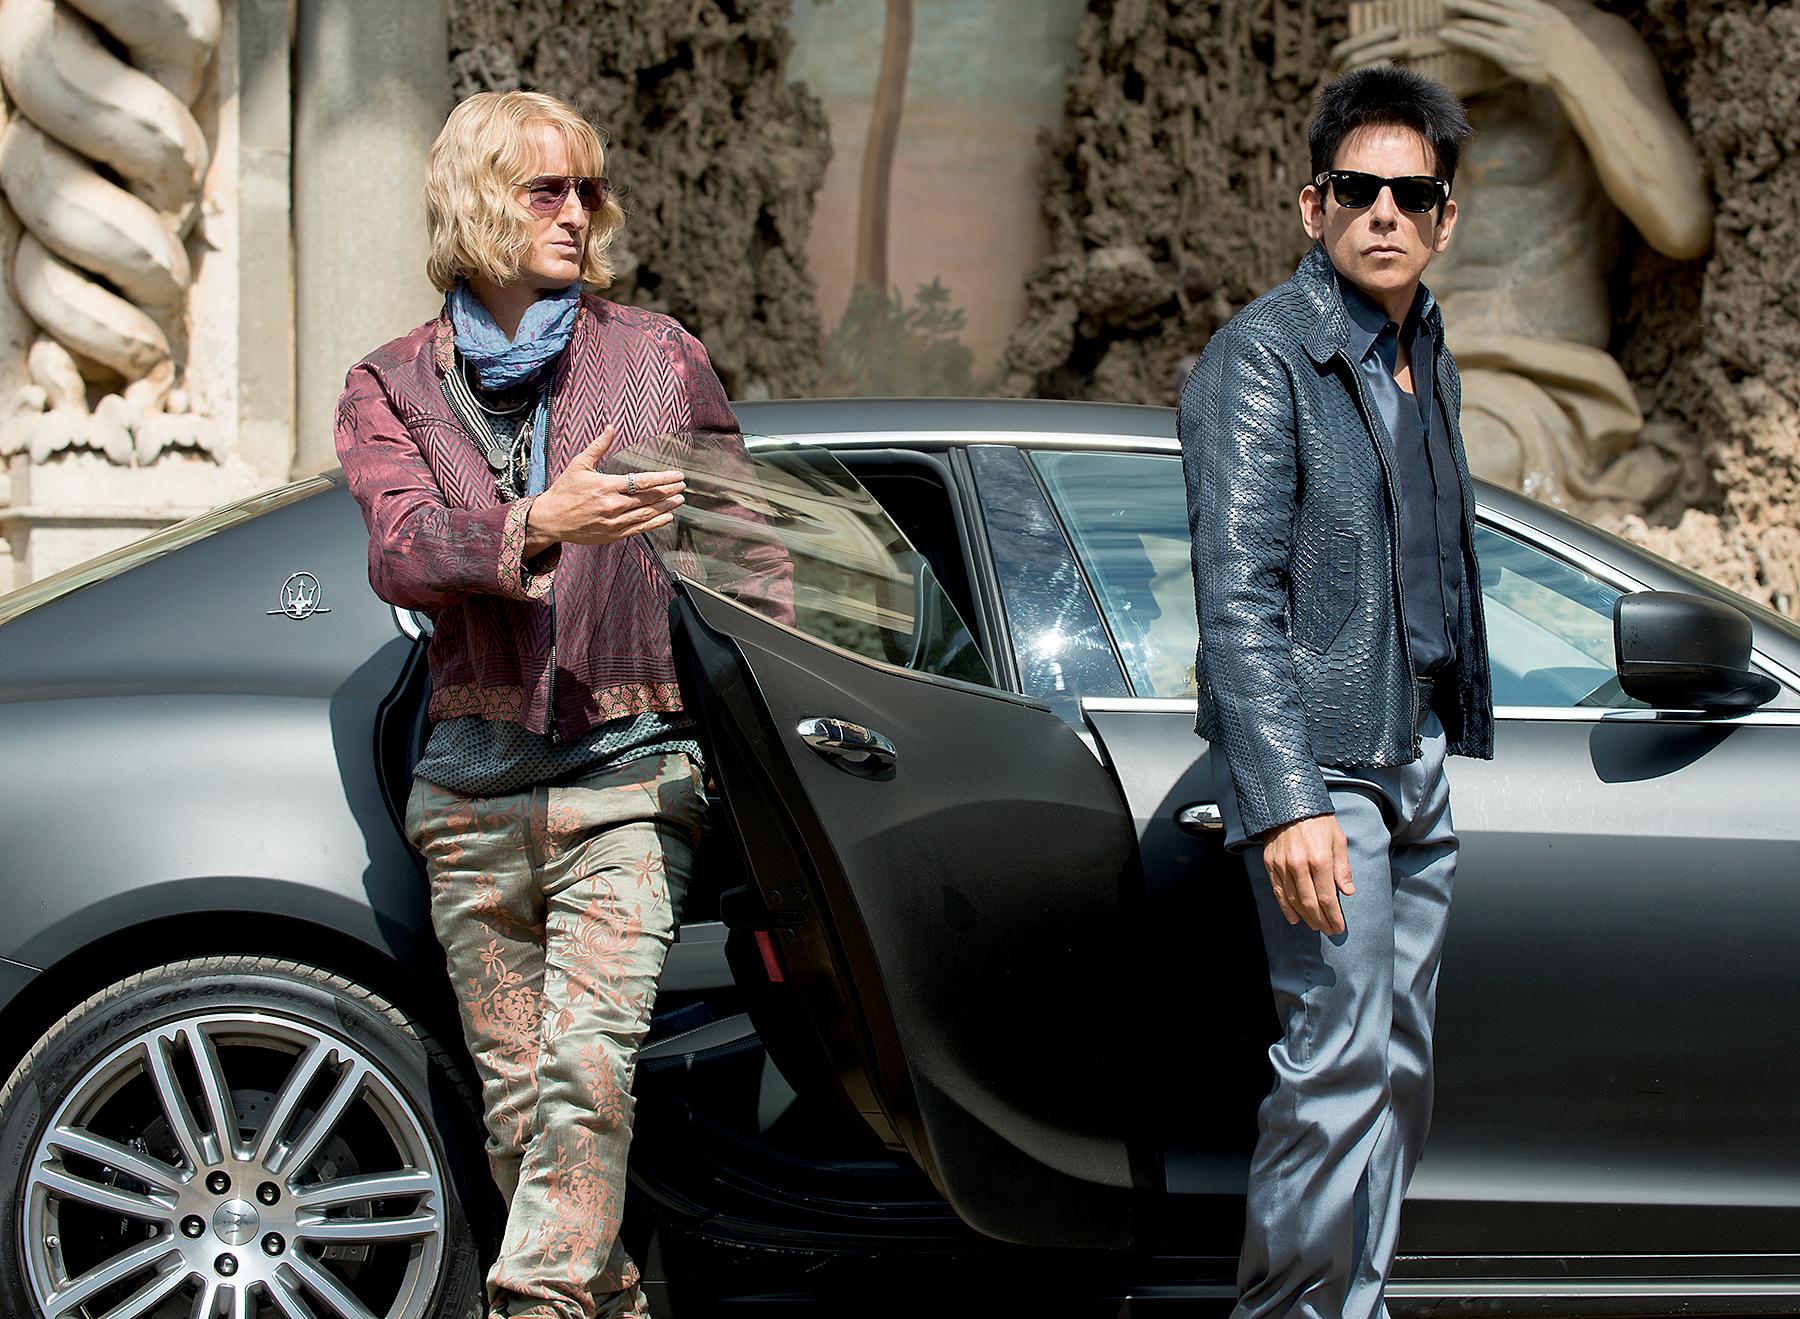 Owen Wilson plays Hansel, and Ben Stiller plays Derek Zoolander in 'Zoolander 2.'